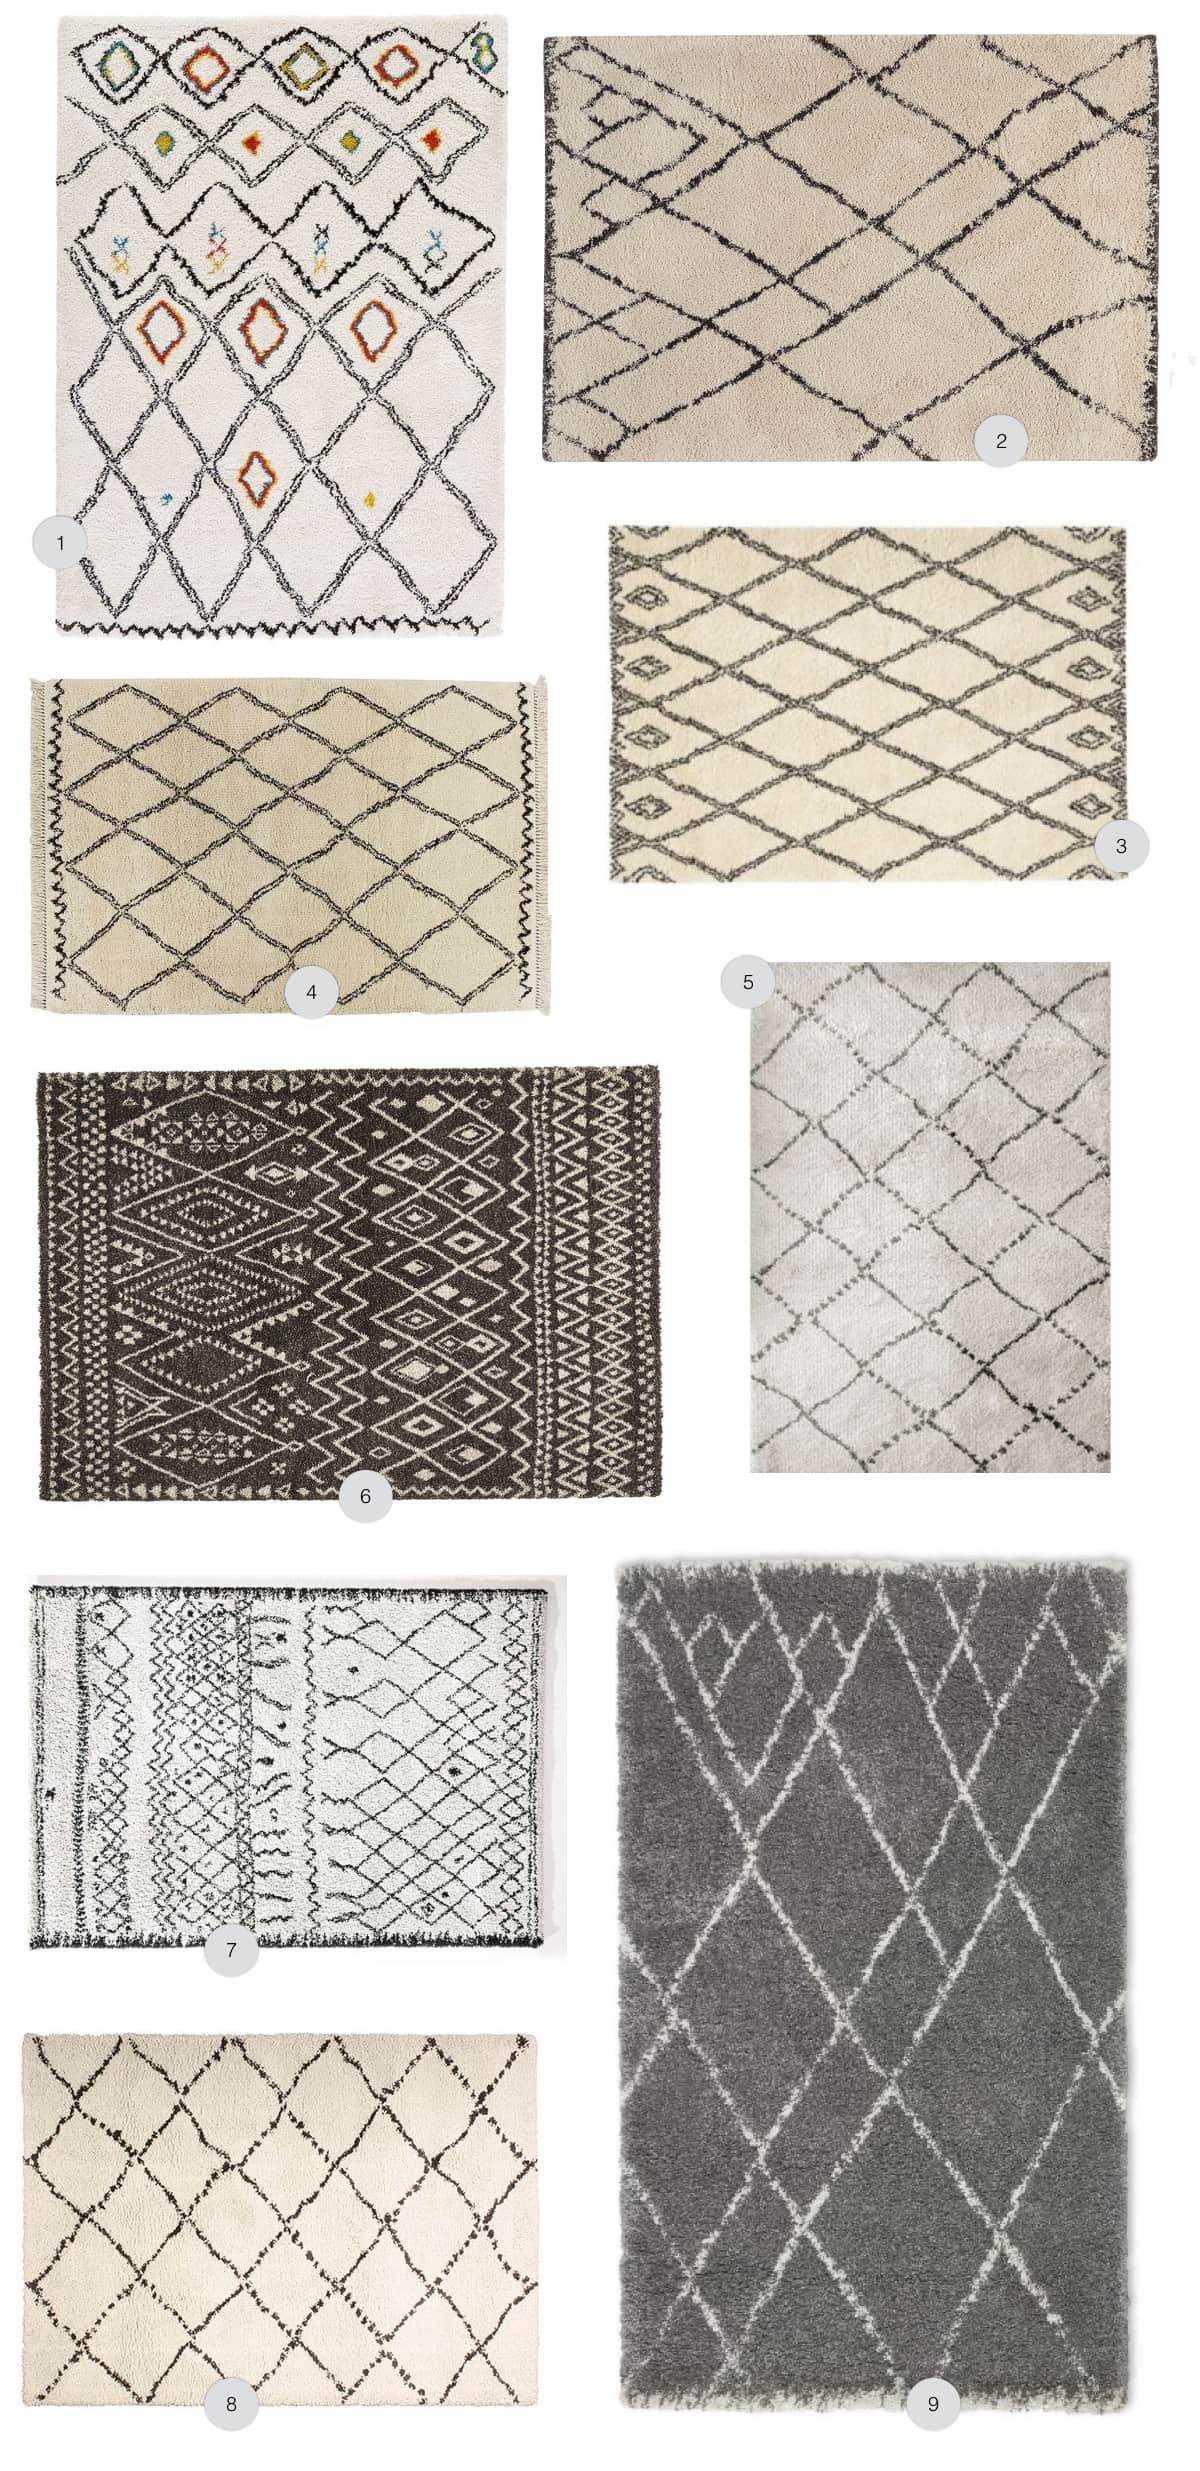 o acheter un tapis style berb re en laine ou en synth tique blog d co. Black Bedroom Furniture Sets. Home Design Ideas